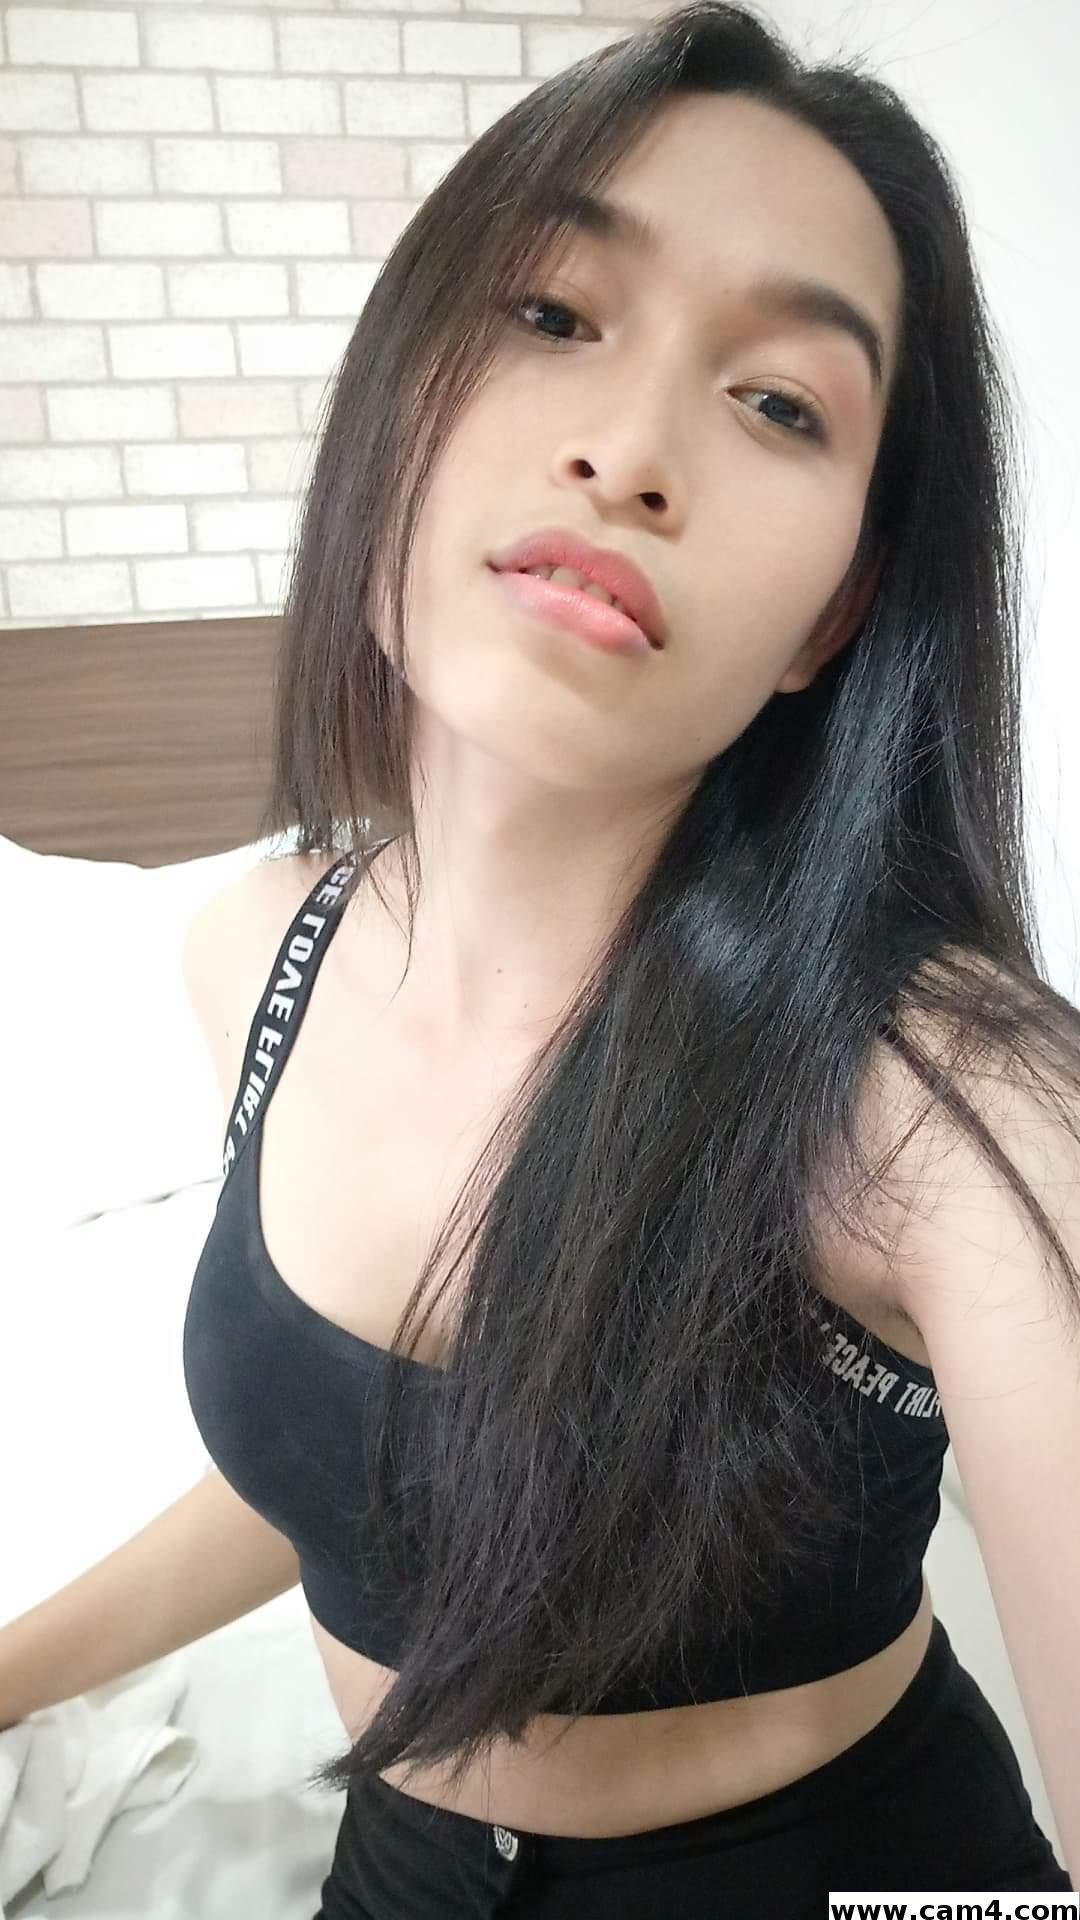 Sara kimoo?s=y+apiw4x9j8sximhtg4ygb1ye+vb5hqsrxmakhp1hfy=